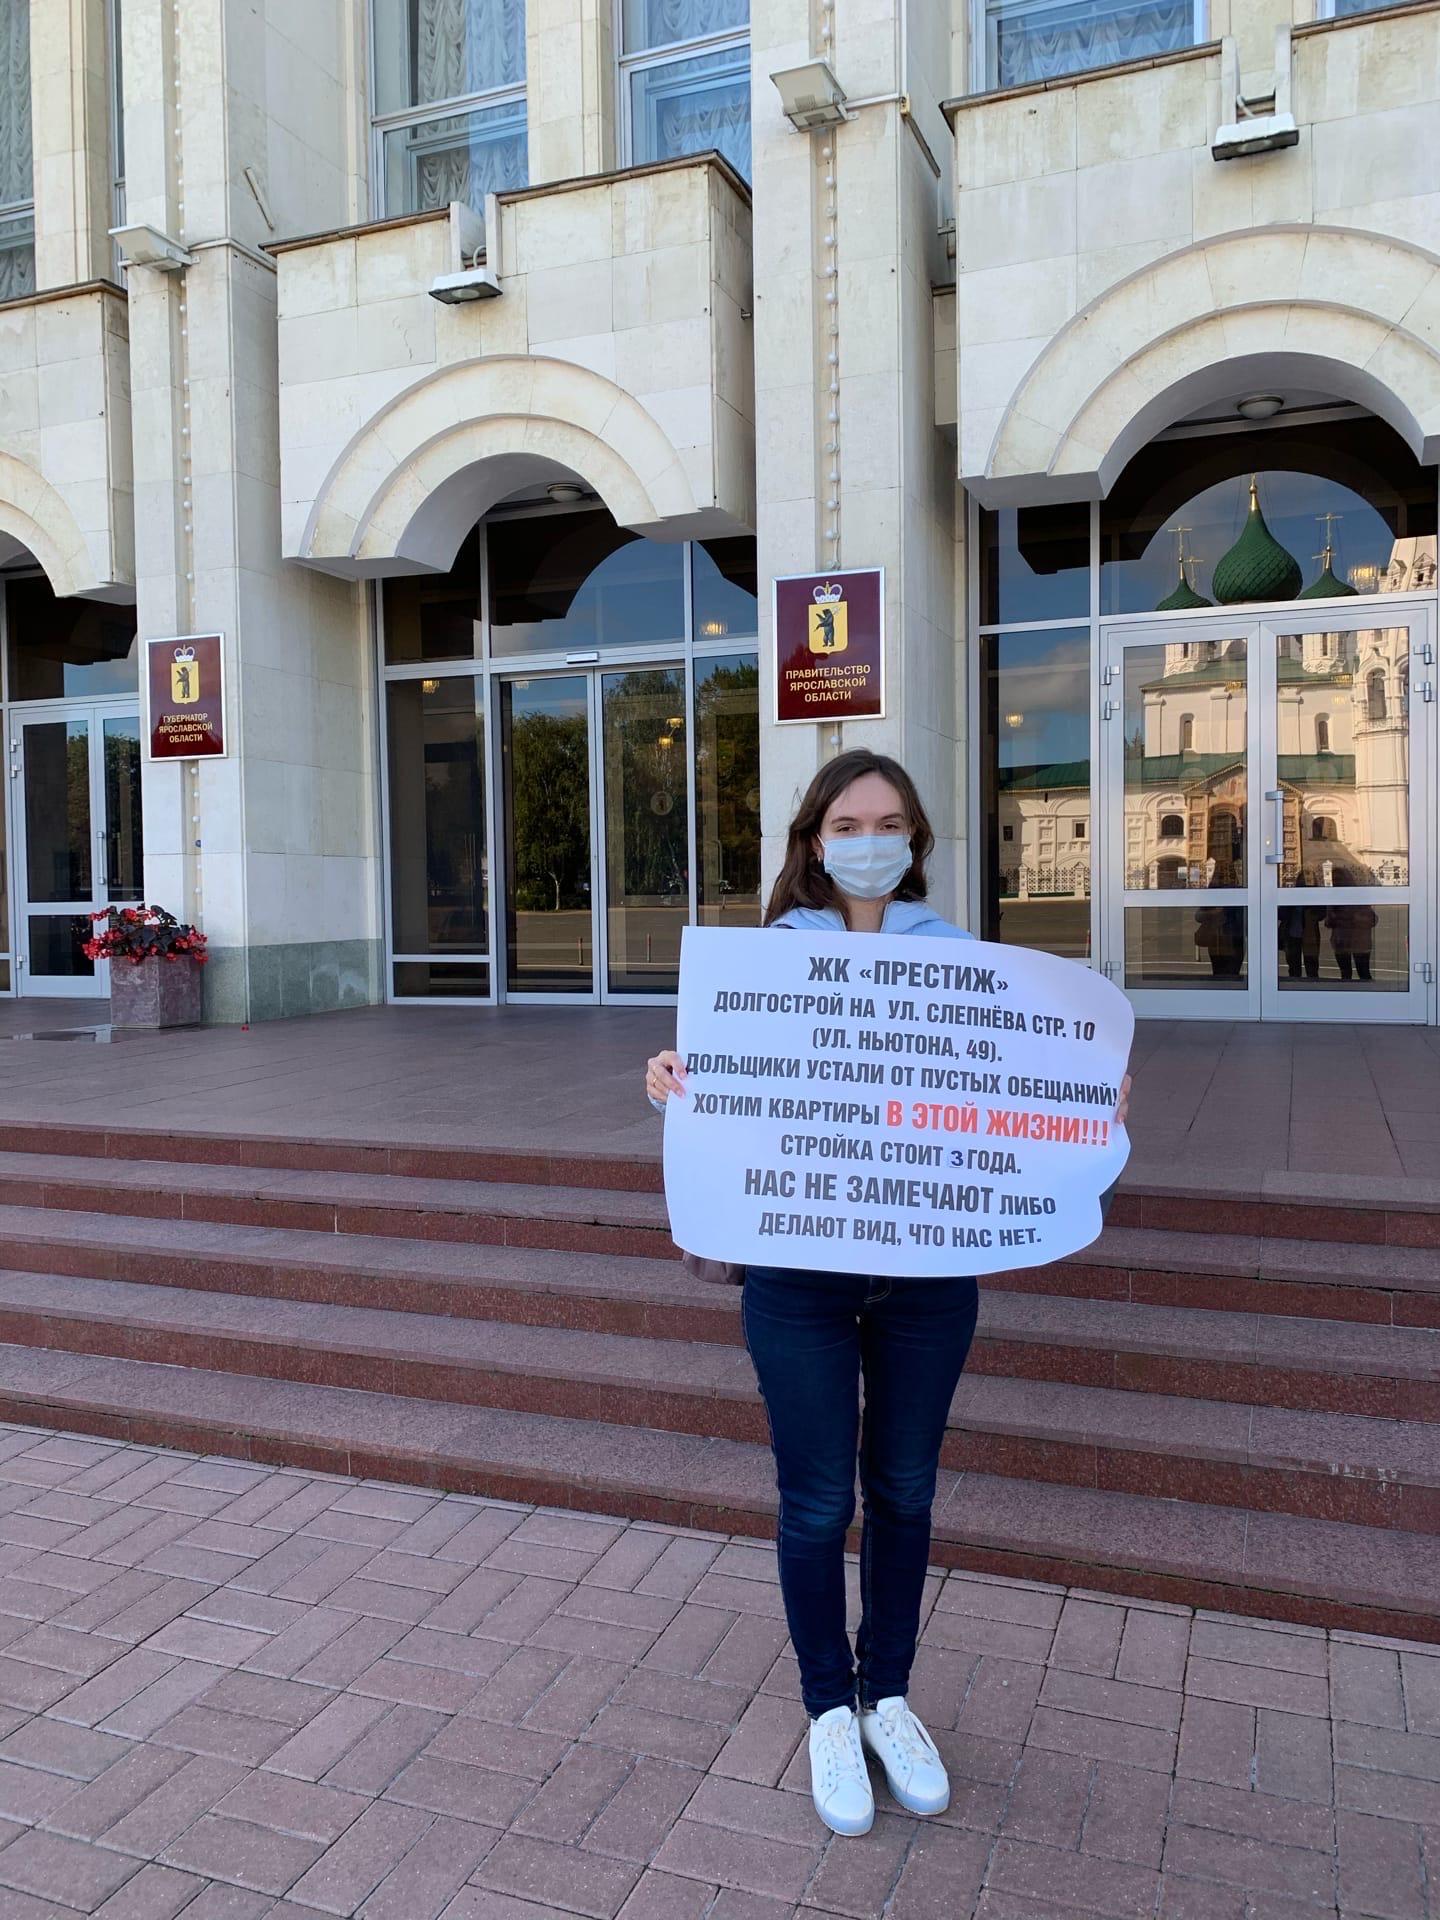 Обманутые дольщики Ярославля вновь вышли на пикет к зданию правительства Ярославской области